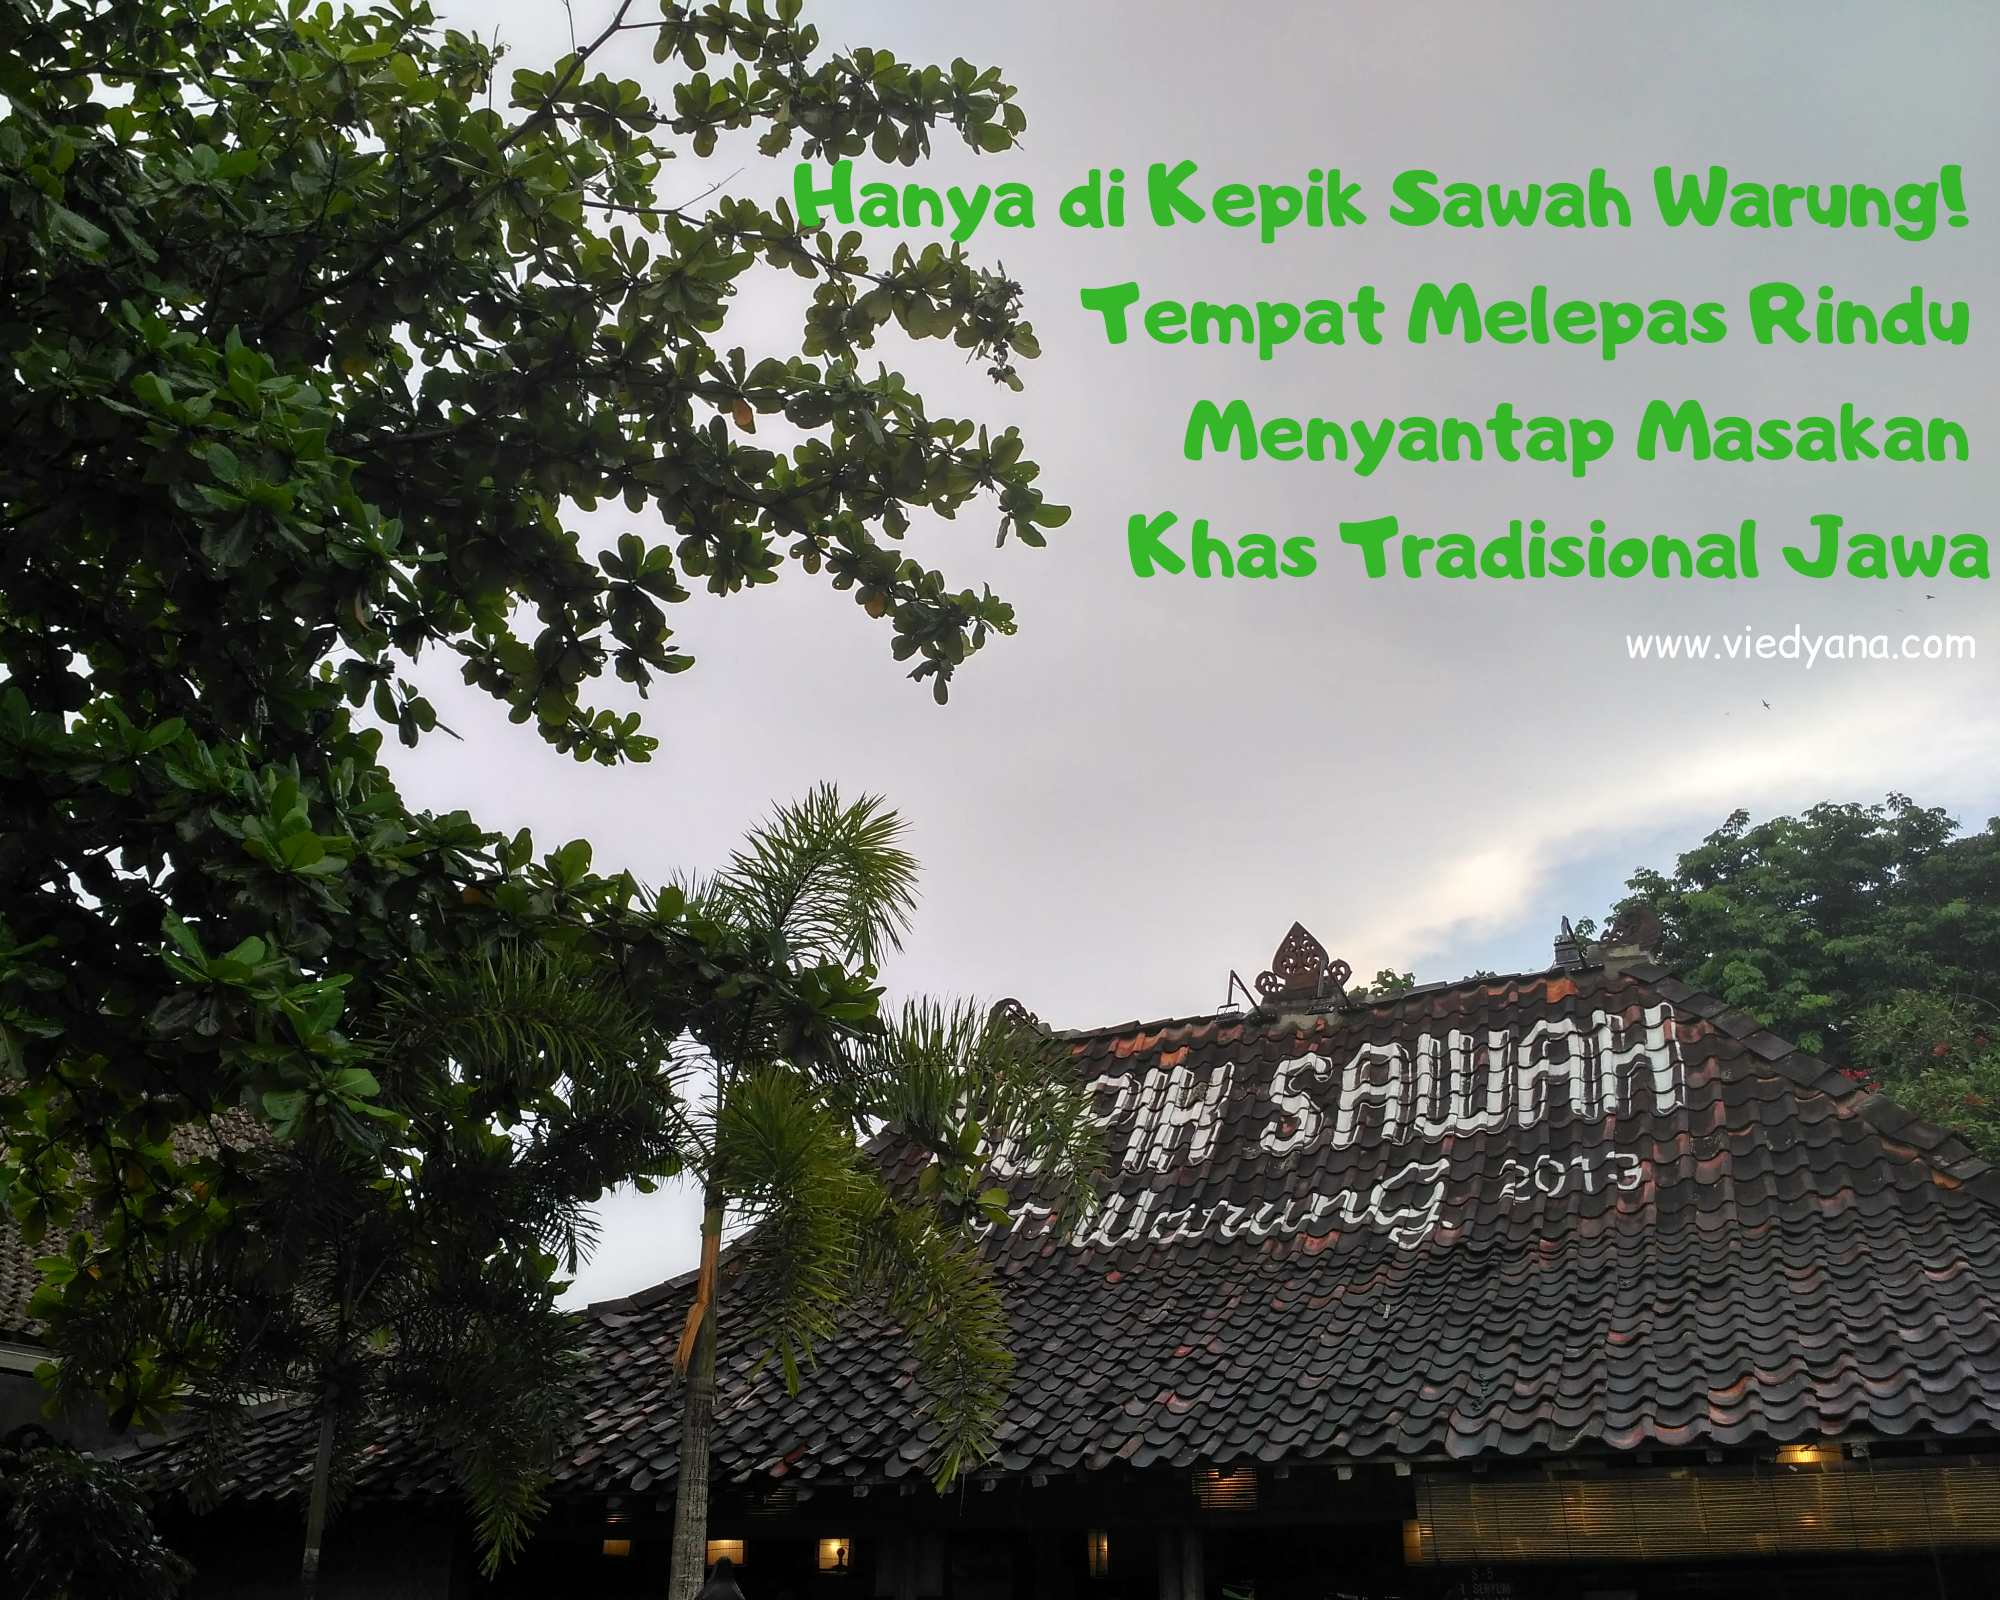 Hanya di Kepik Sawah Warung! Tempat Melepas Rindu Menyantap Masakan Khas Tradisional Jawa